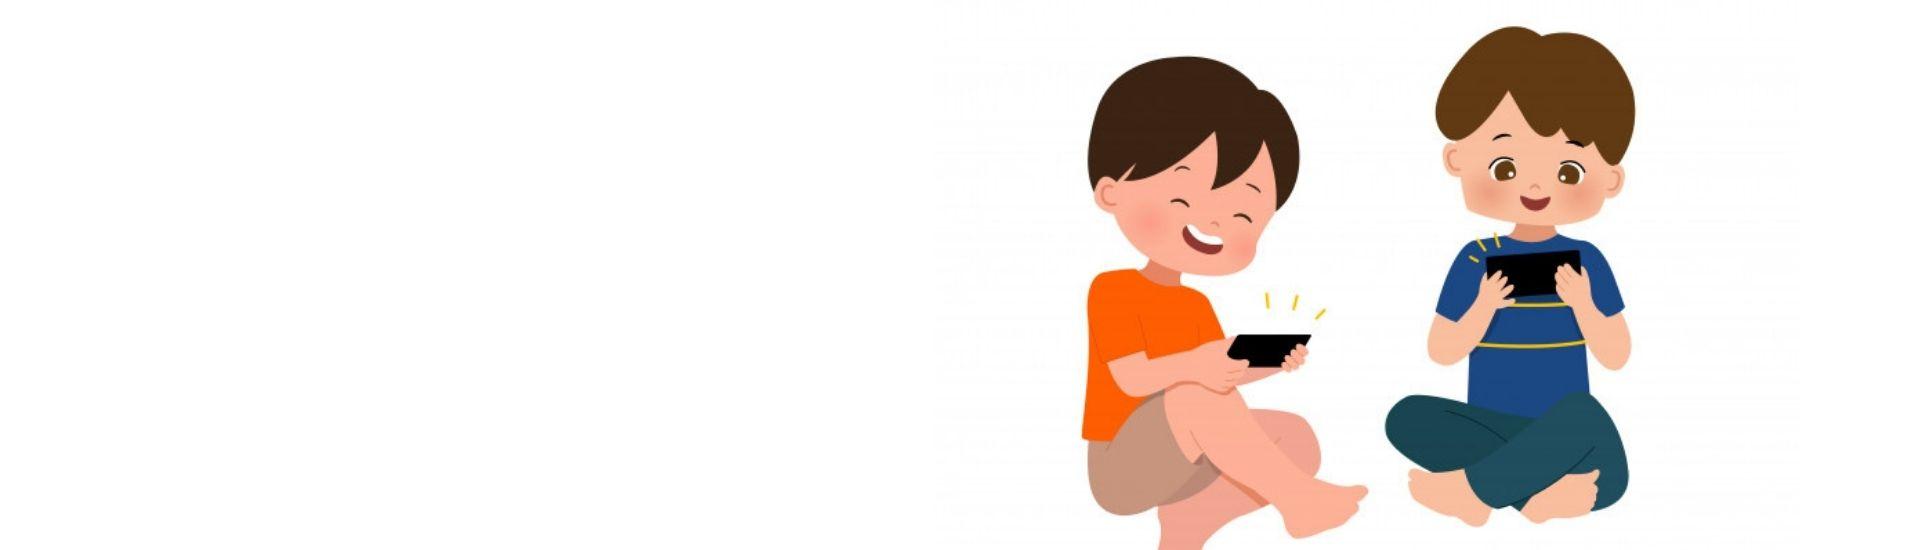 Niños aprendiendo y ejercitando con apps educativas